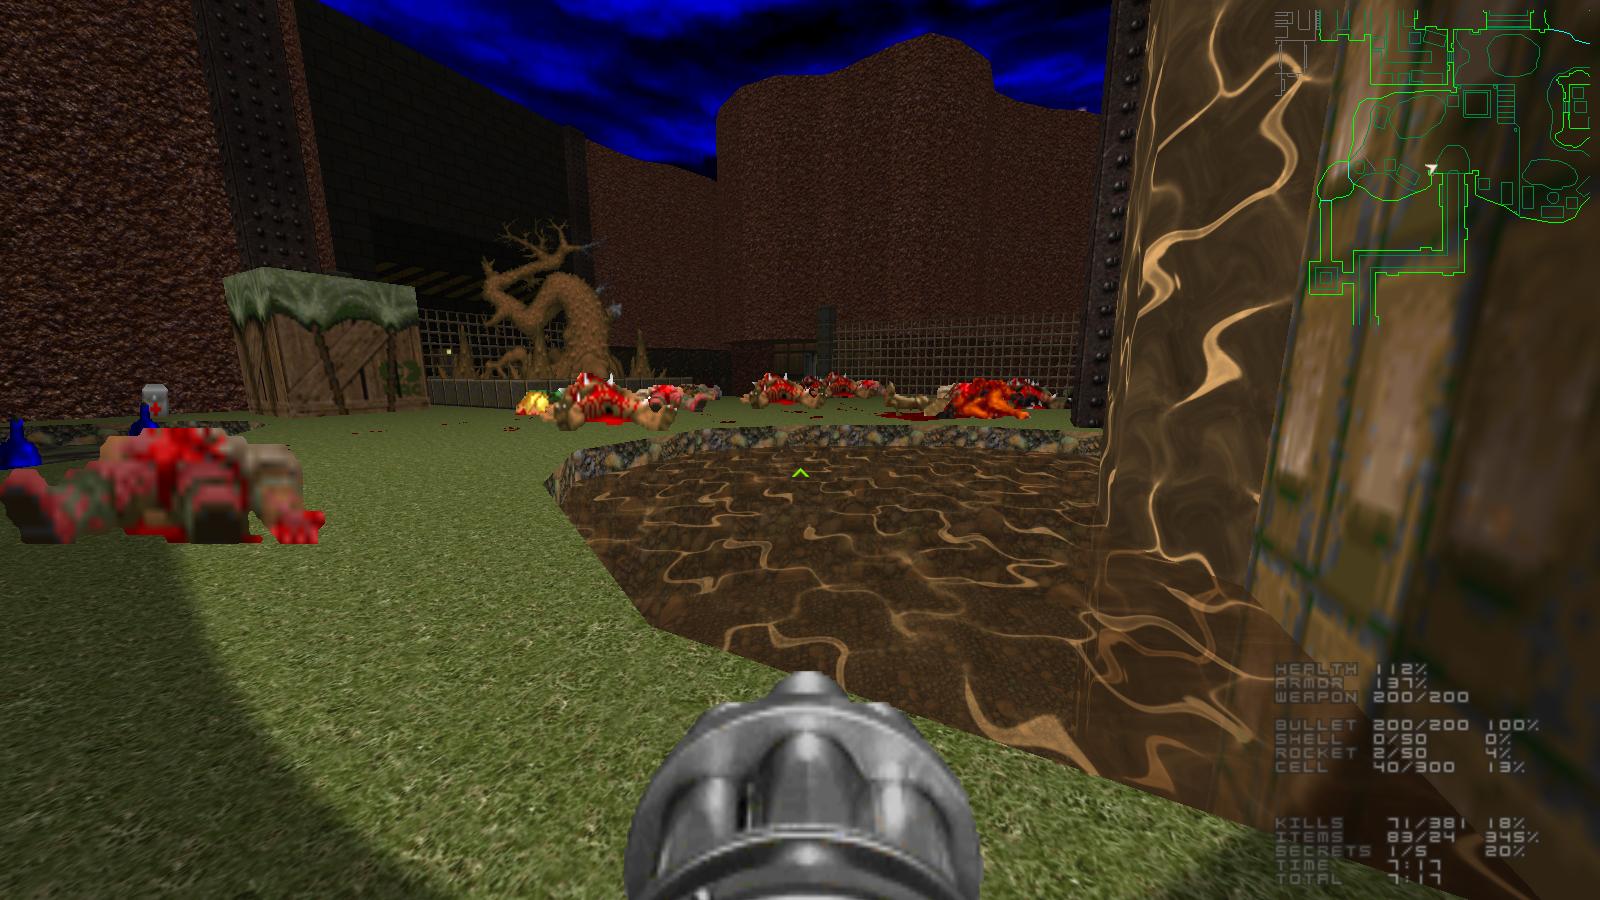 Screenshot_Doom_20210411_215410.png